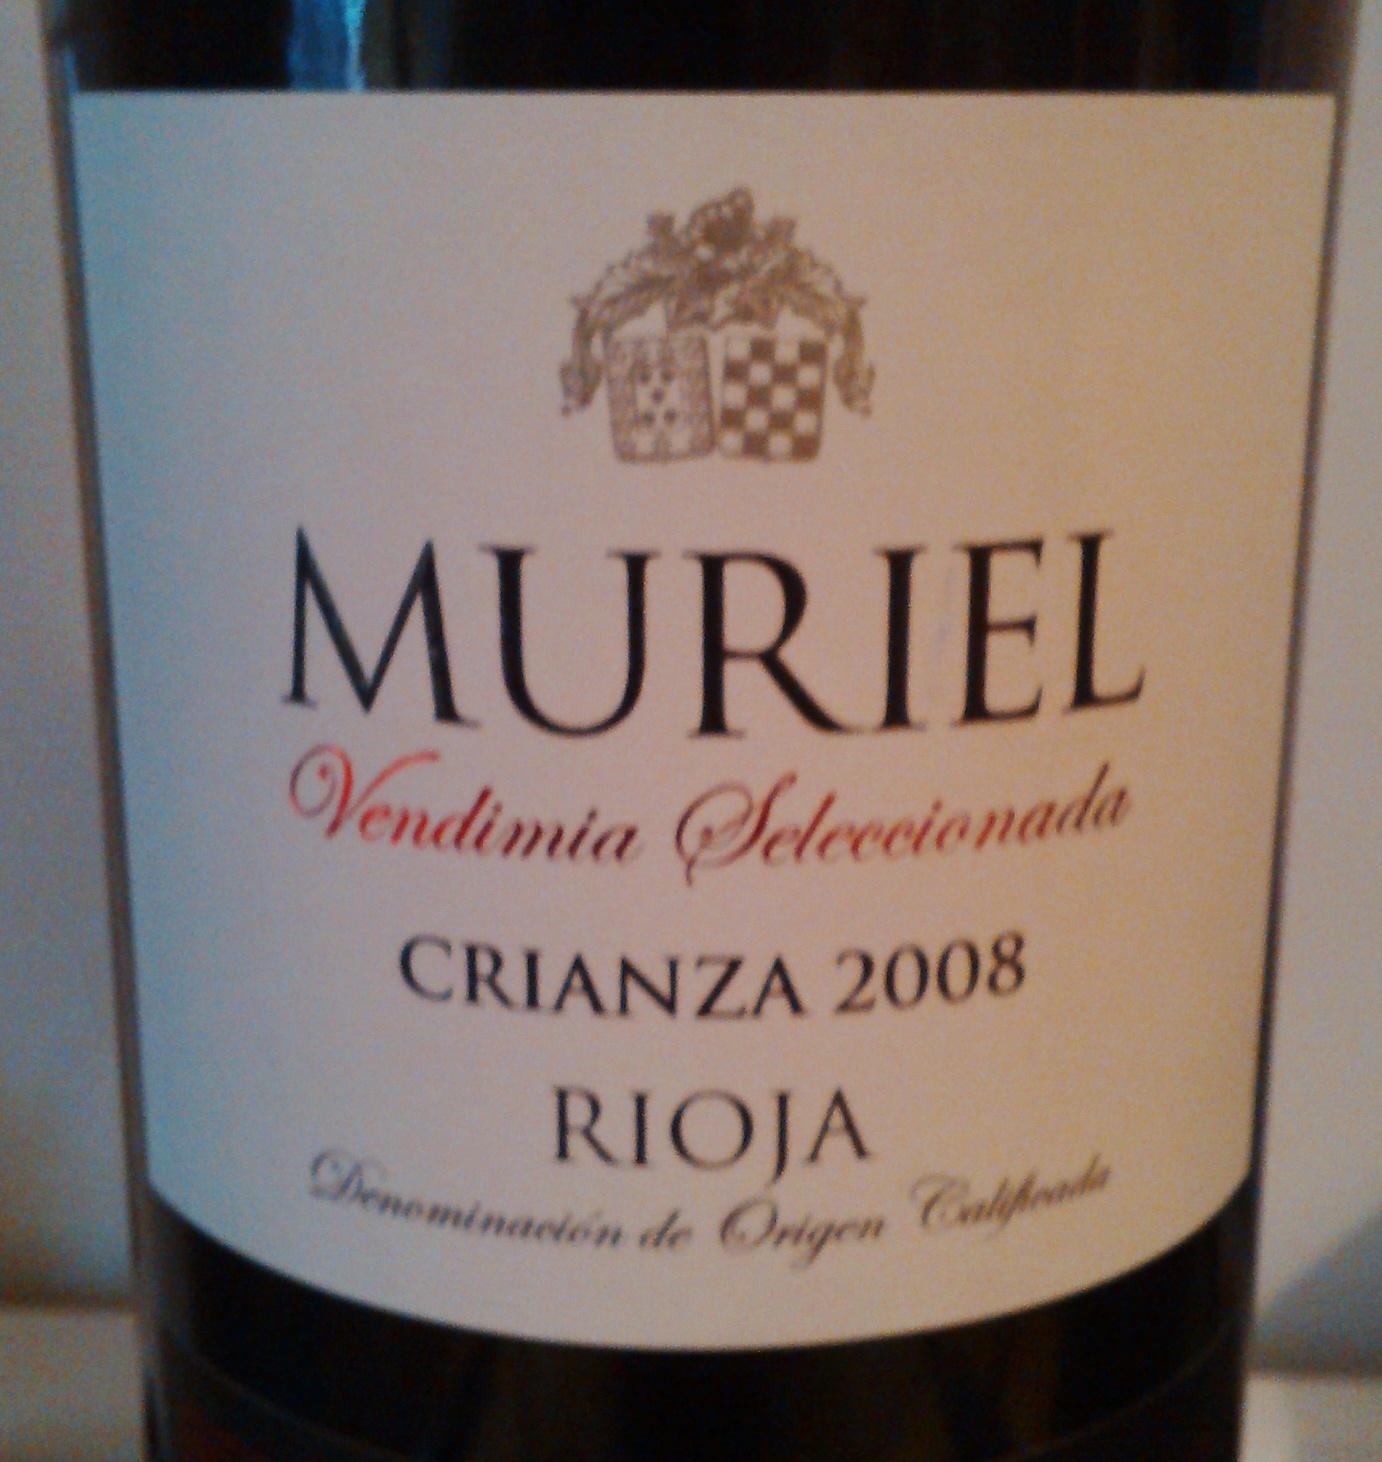 Rioja-Muriel2008